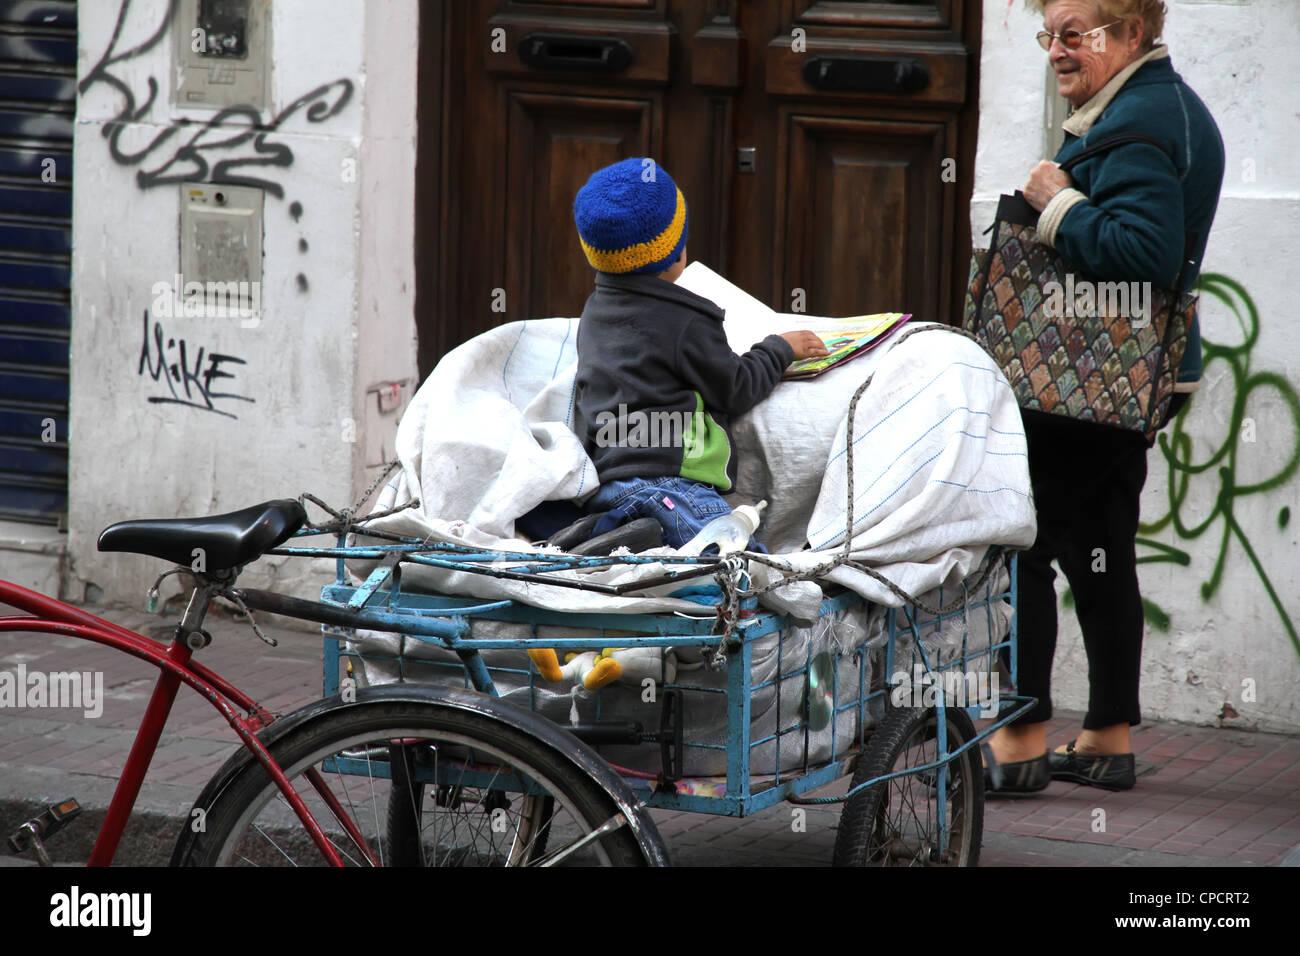 Un enfant pauvre mendiant à une vieille femme. Photo prise ...